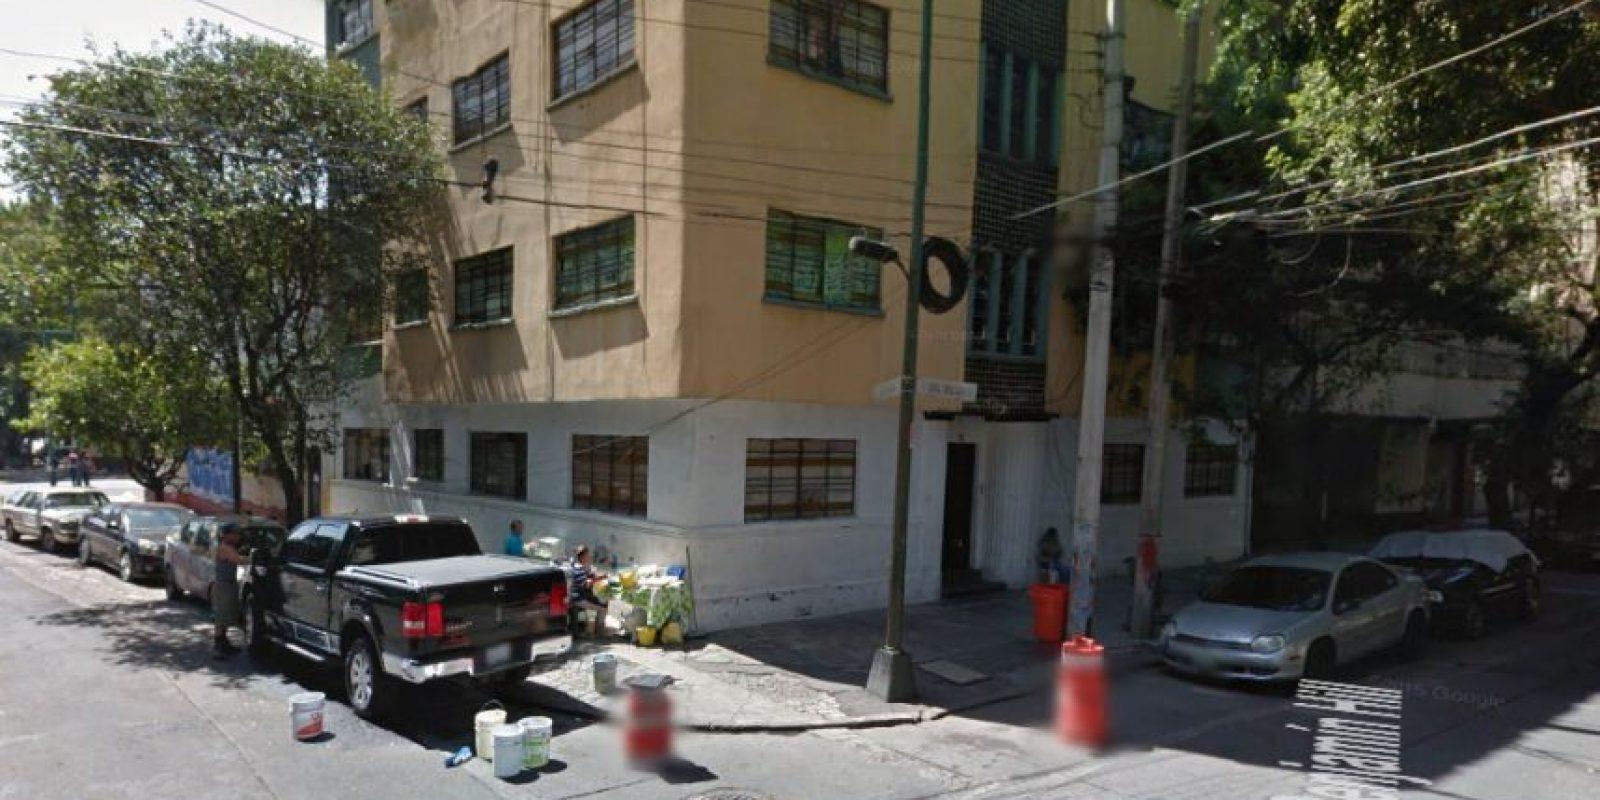 En su exterior se pueden ver autos y camionetas de lujo. Febrero 2016 Foto:Google Maps